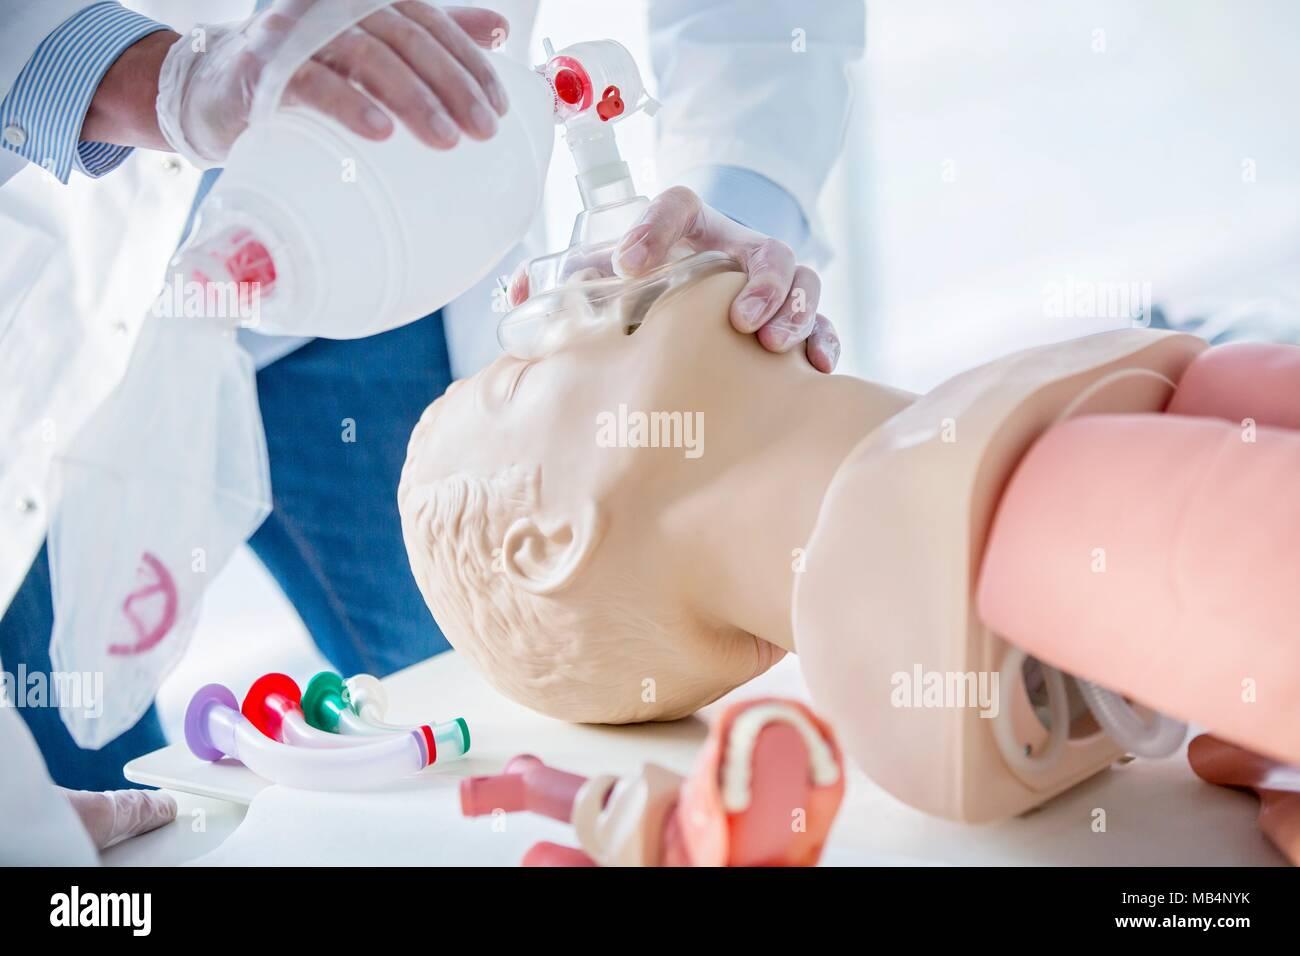 El doctor que practica bolsa-válvula-máscara ventilación en un maniquí de formación. Imagen De Stock